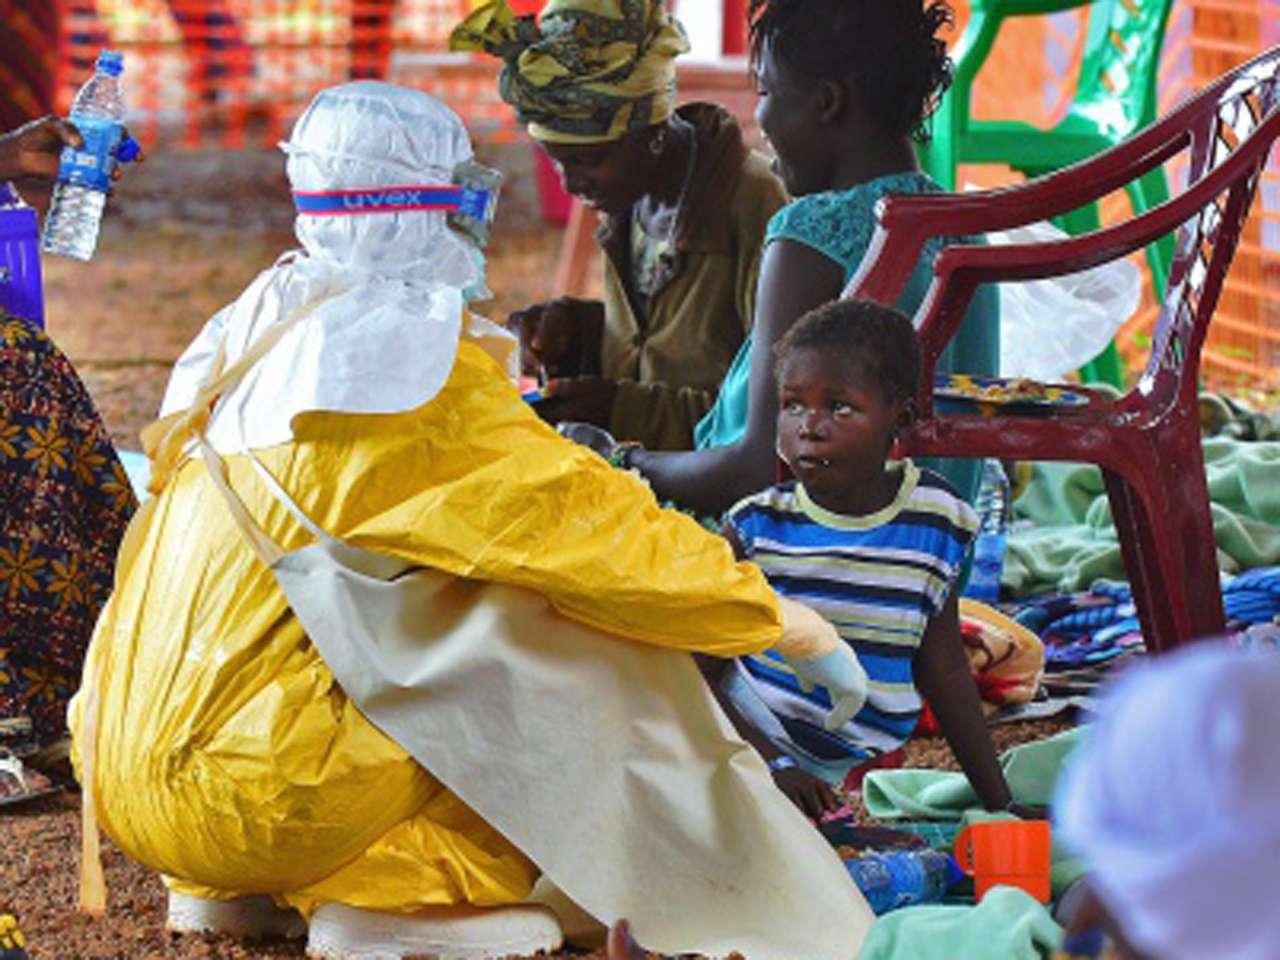 Cerca de 900 personas que tuvieron contacto con los enfermos fueron identificadas y se les hizo un seguimiento médico Foto: AFP/CARL DE SOUZA